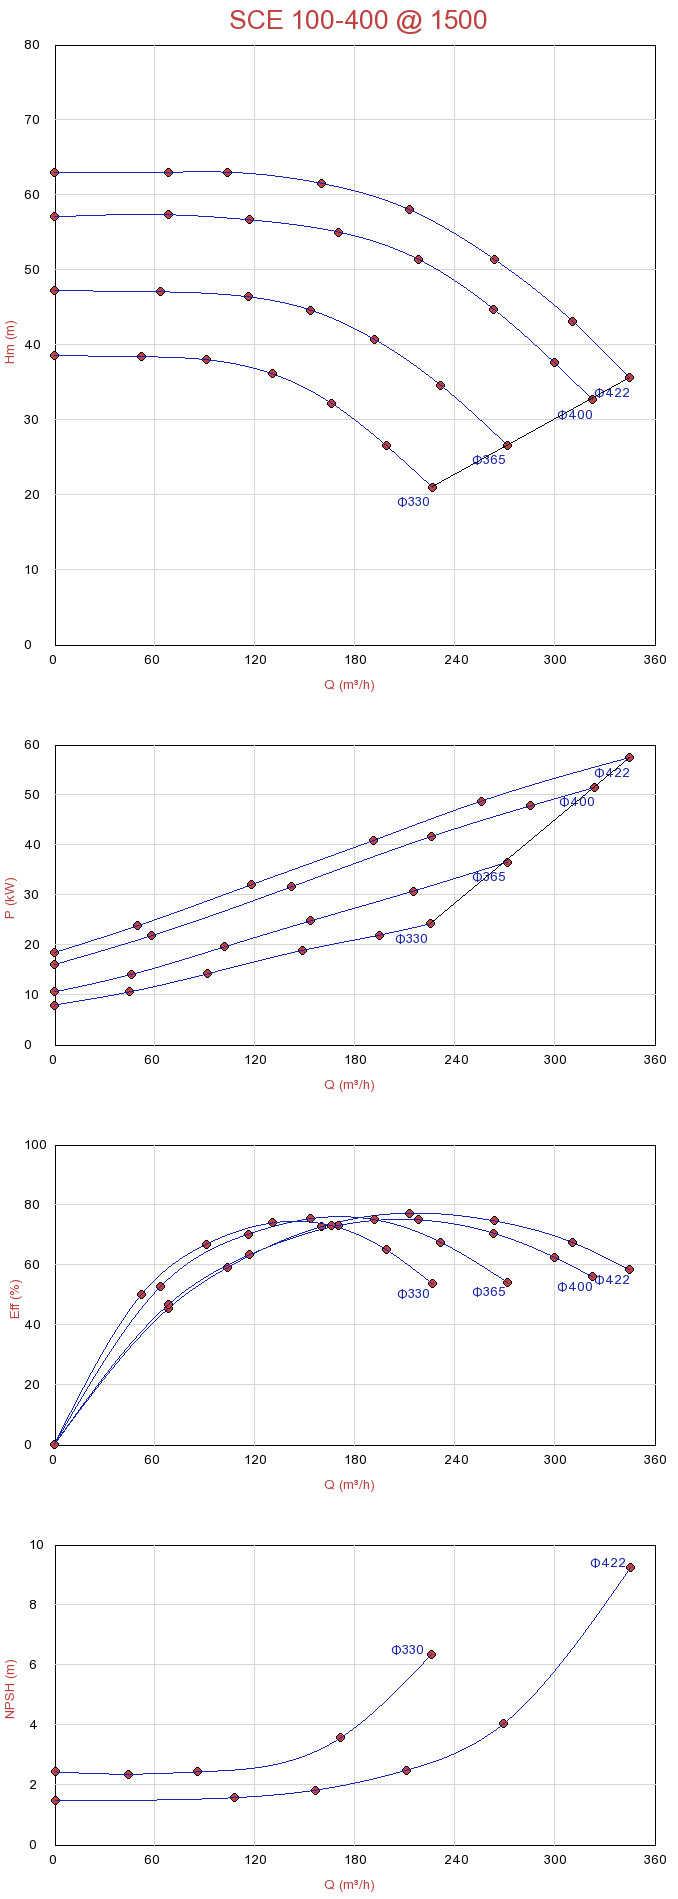 Biểu đồ lưu lượng máy bơm ly tâm hút đôi Sempa SCE 100-400 (1500rpm)